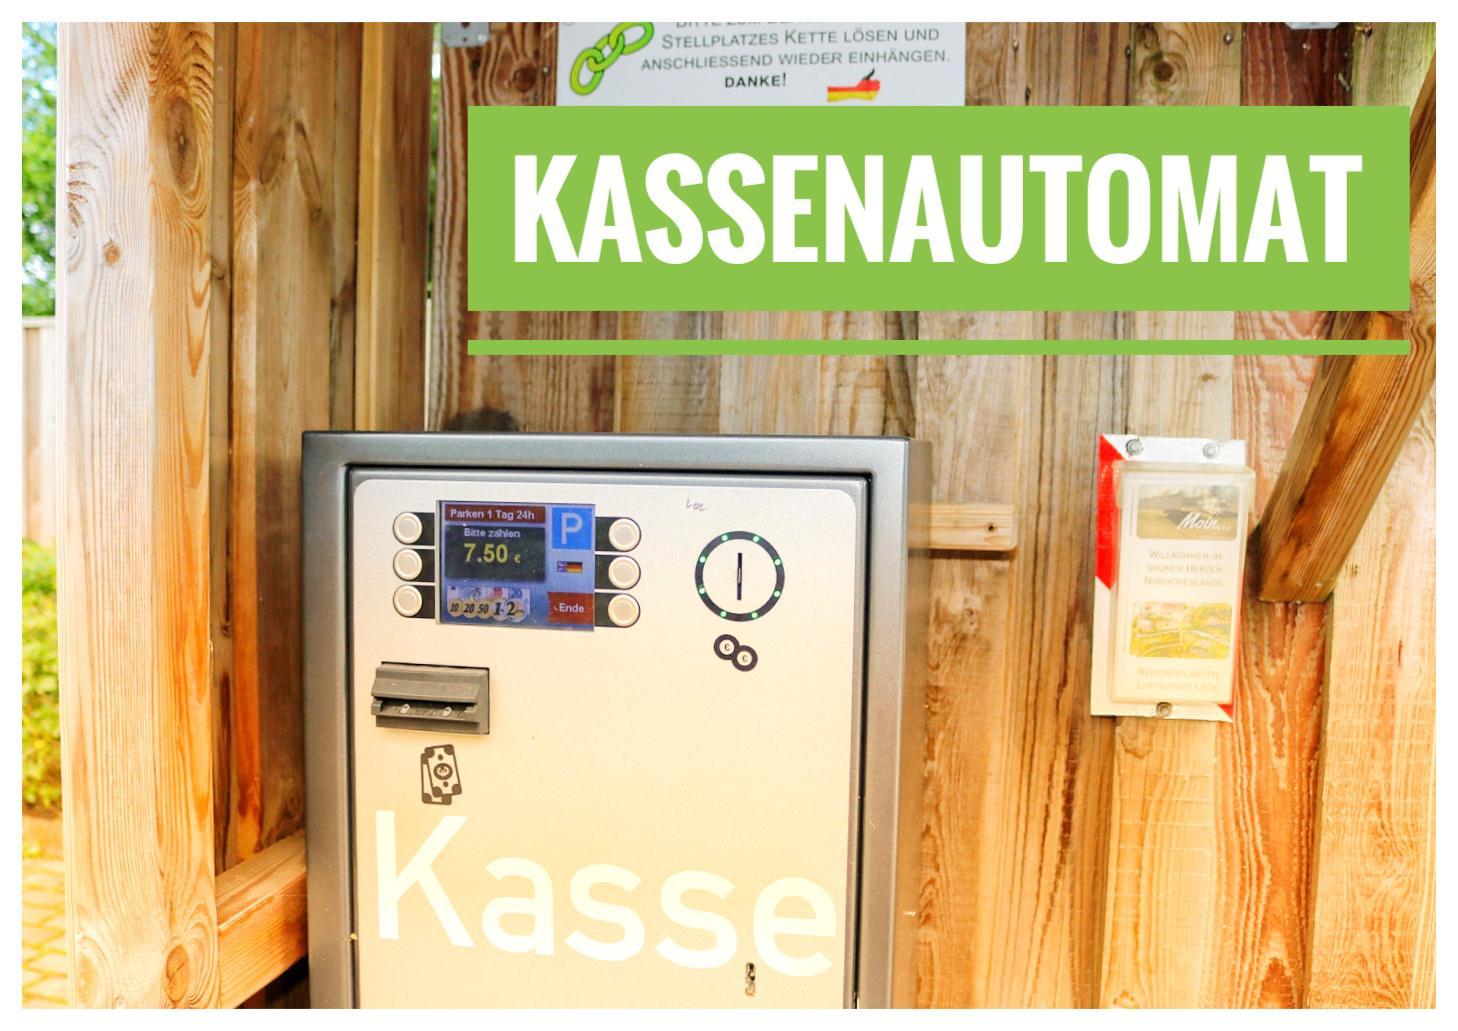 Kassenautomat am Platz